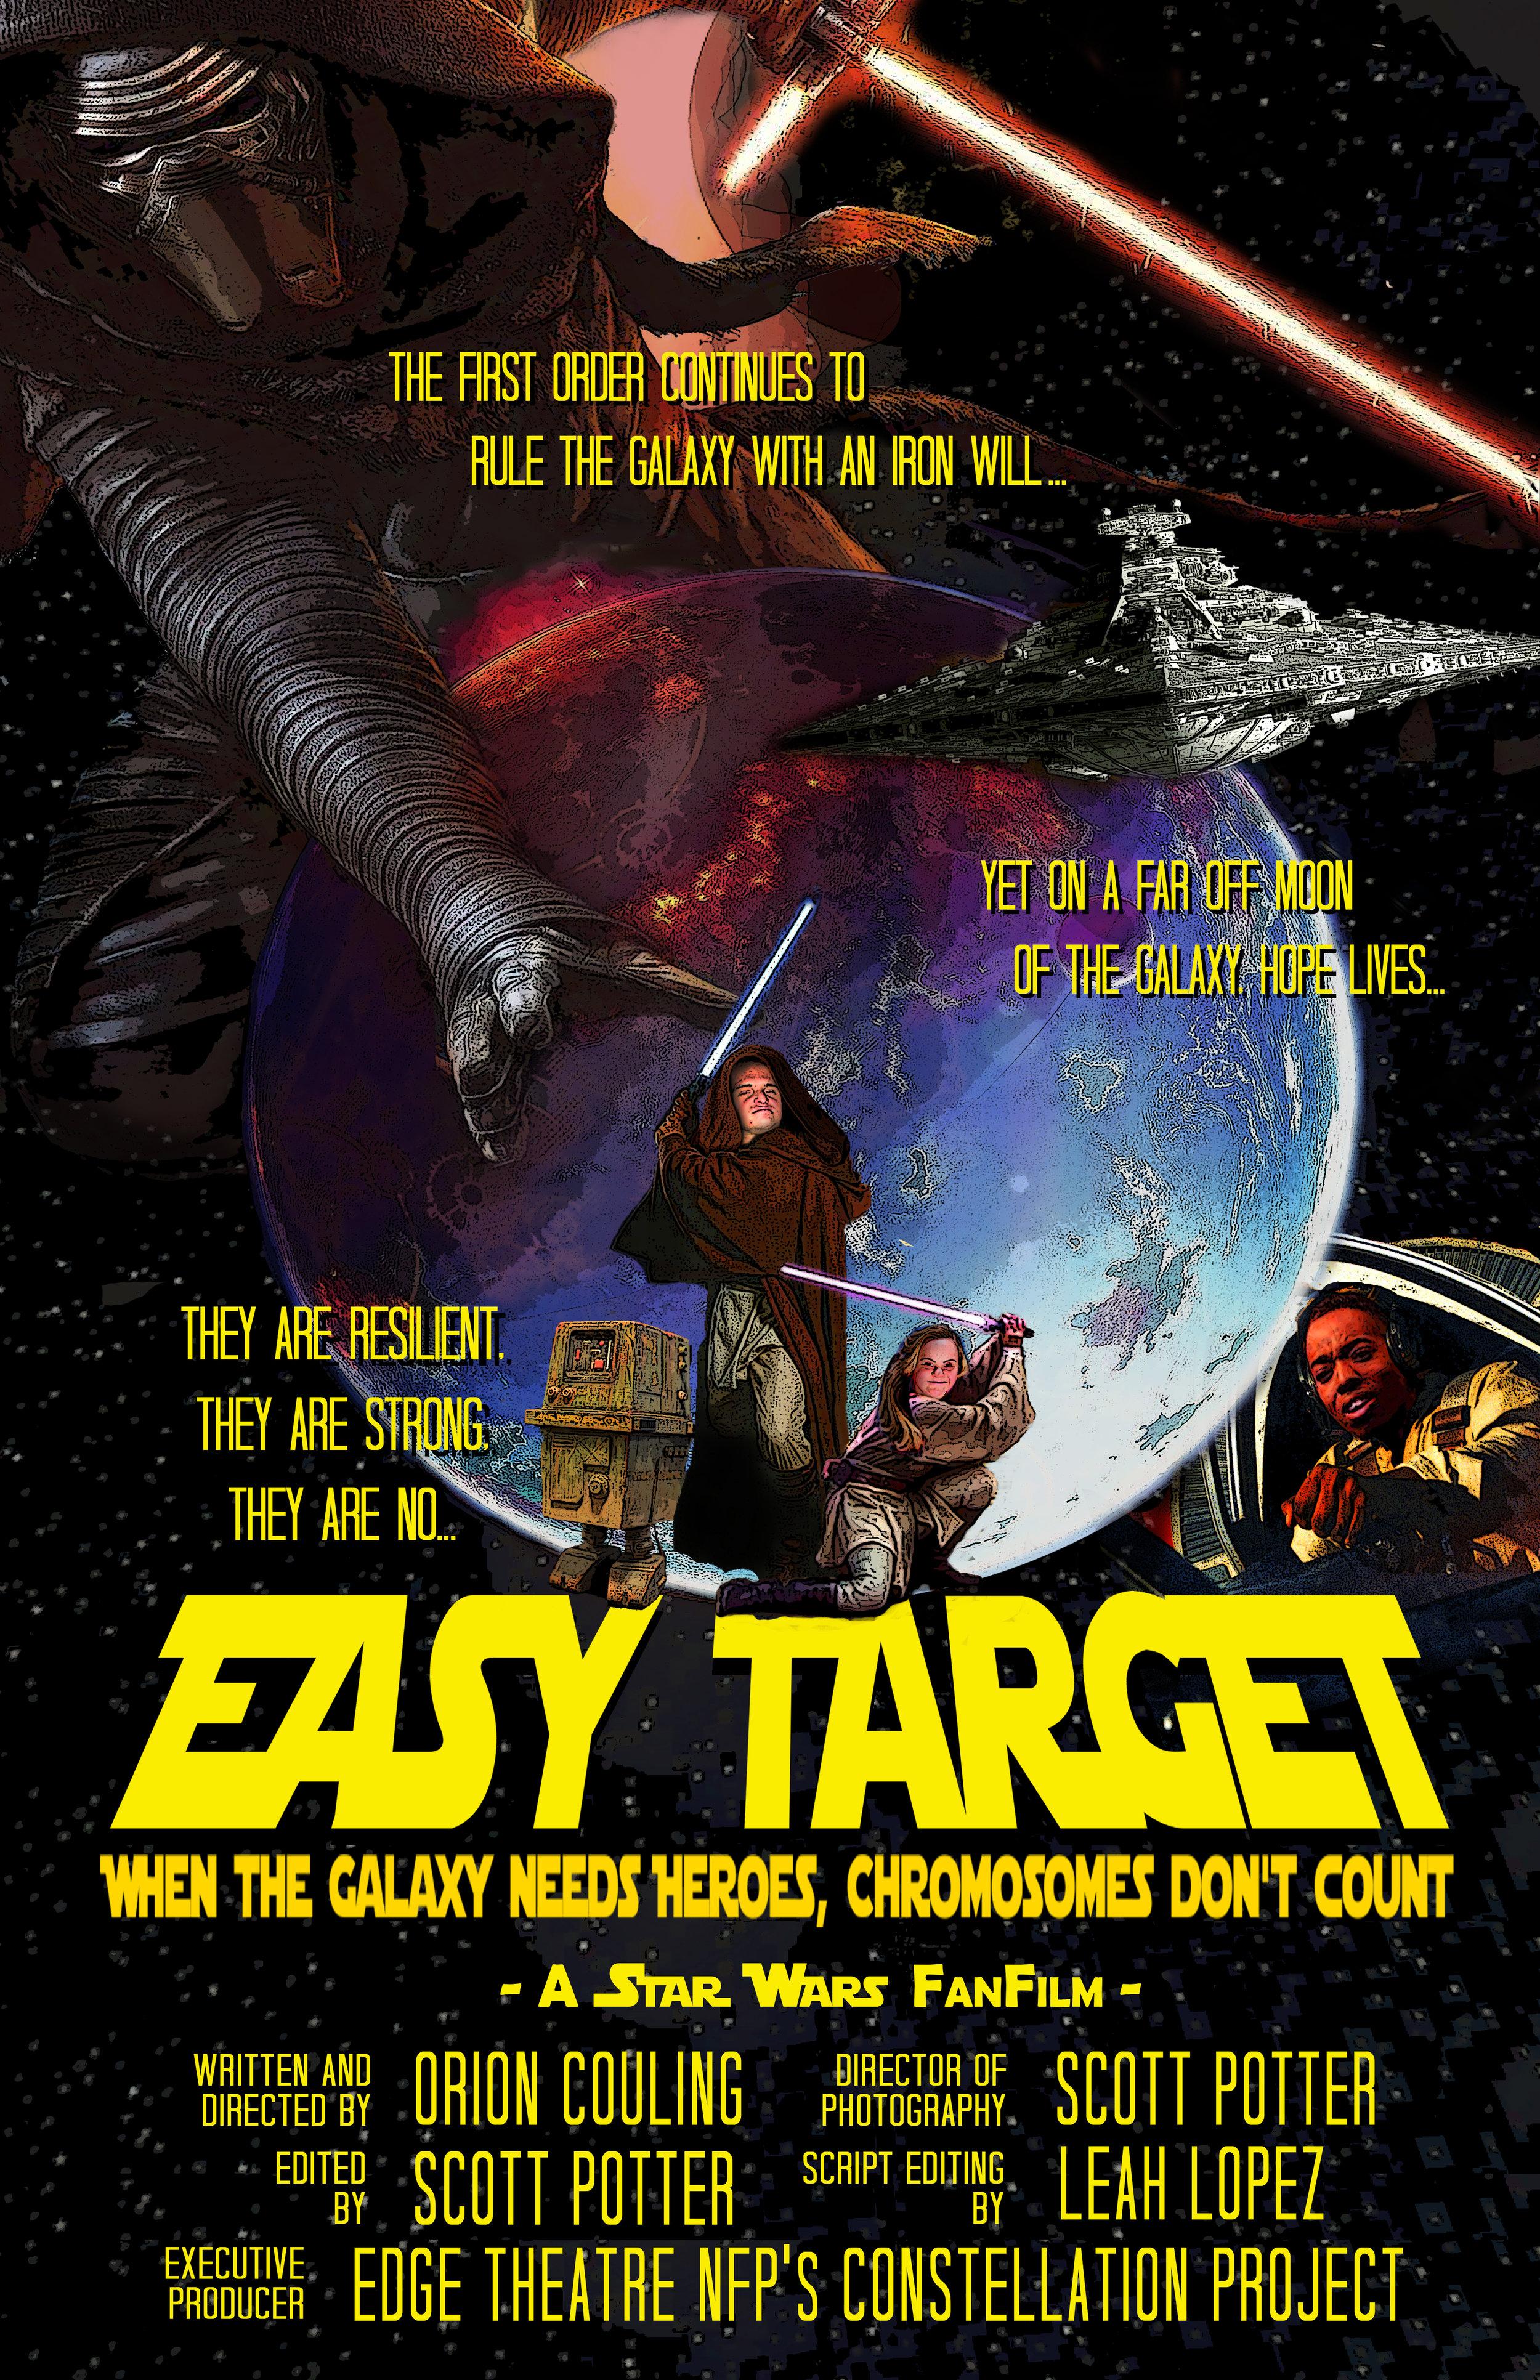 EASY TARGET Star Wars Fan Film extra.jpg